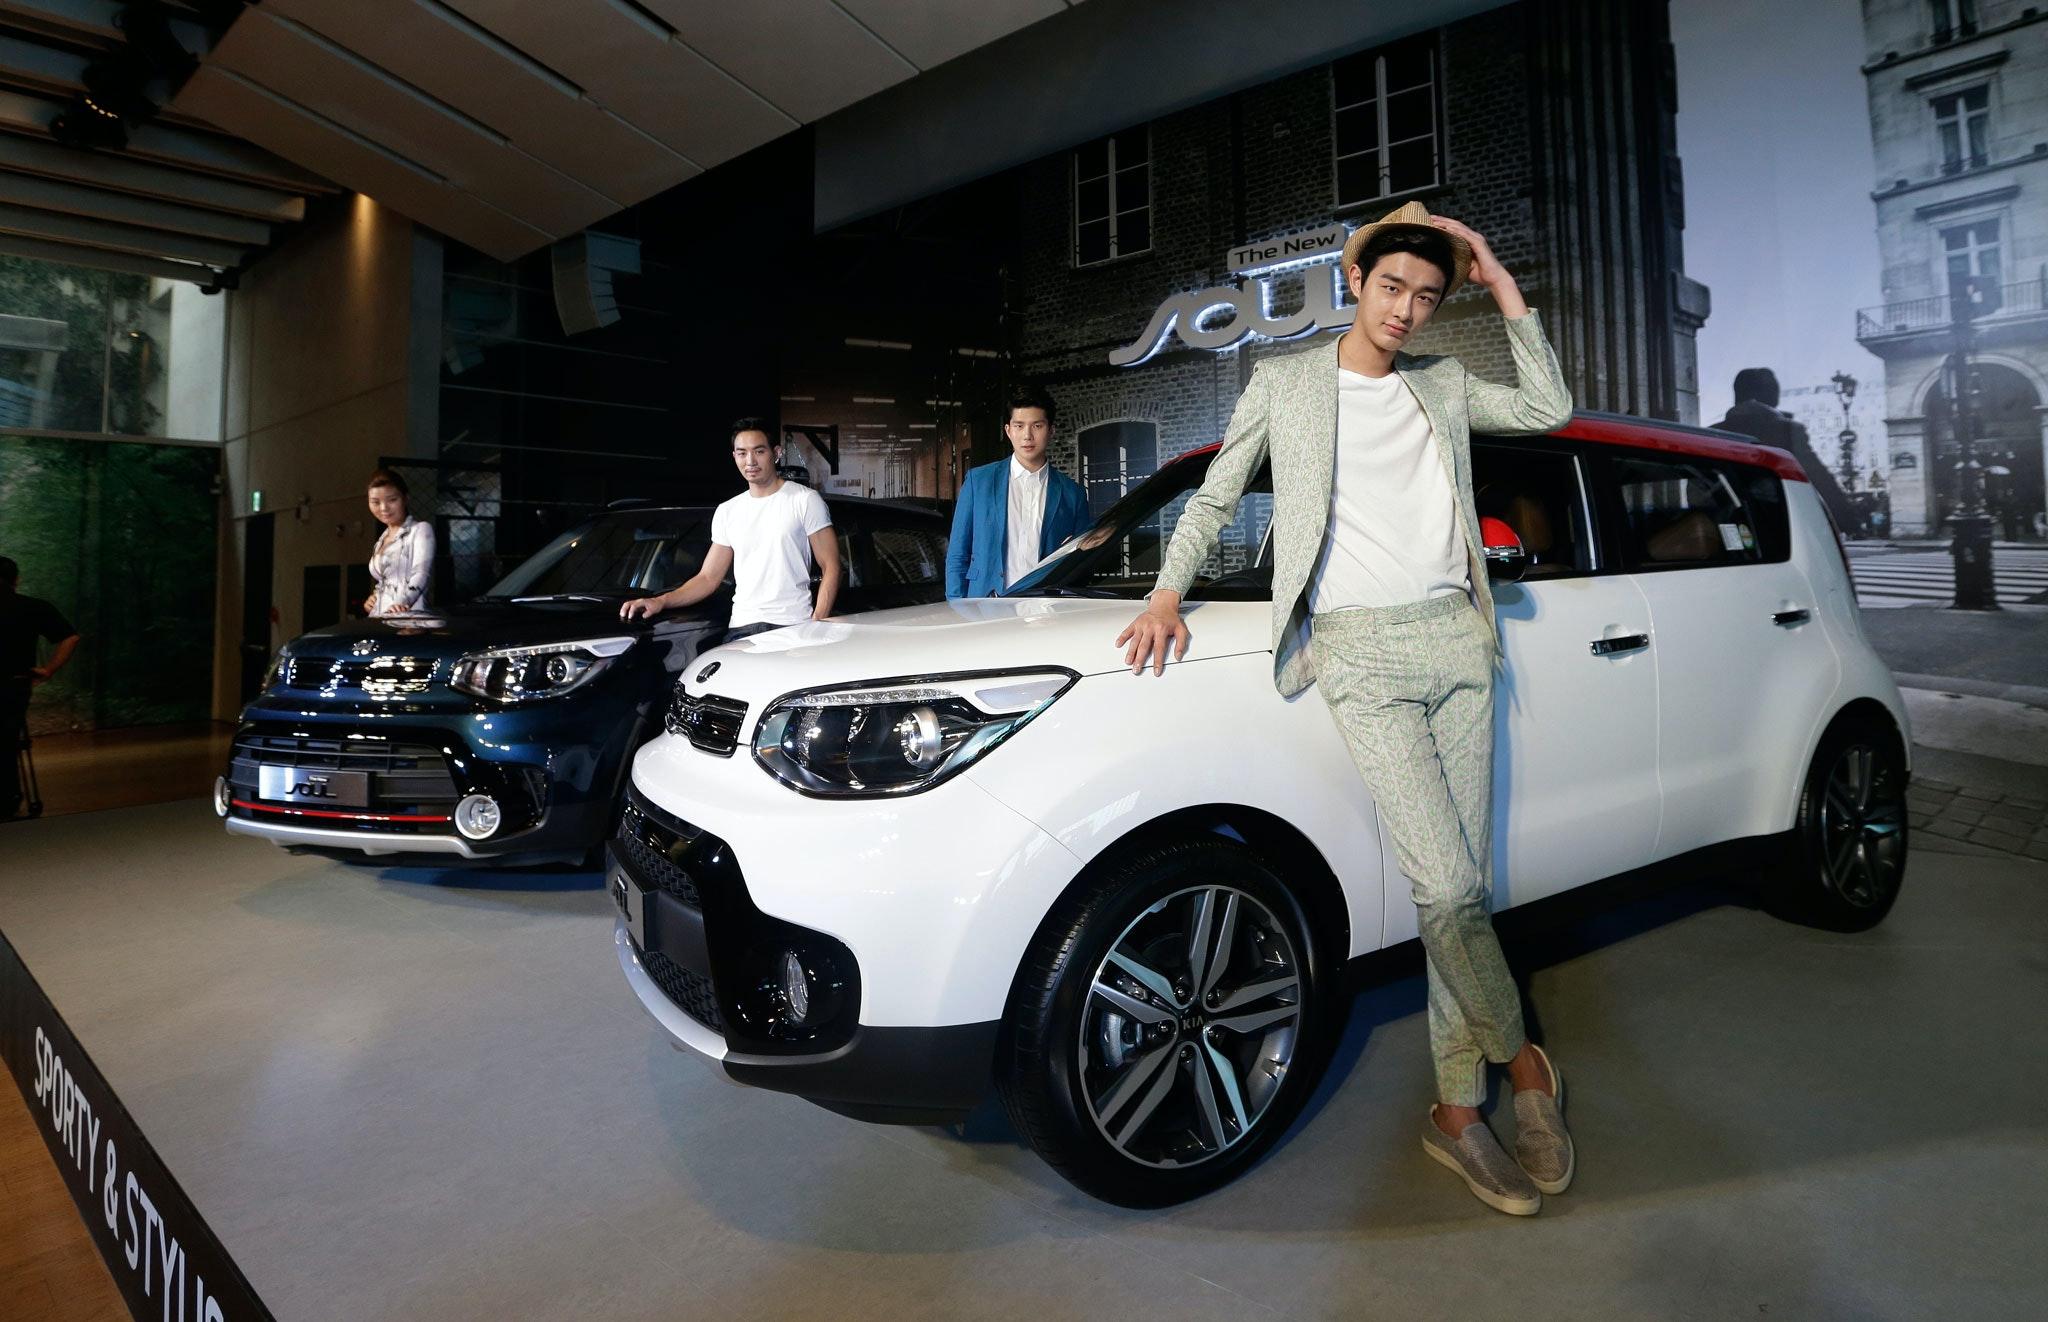 Foto Kia Presenteert Nieuw Model Elektrische Auto